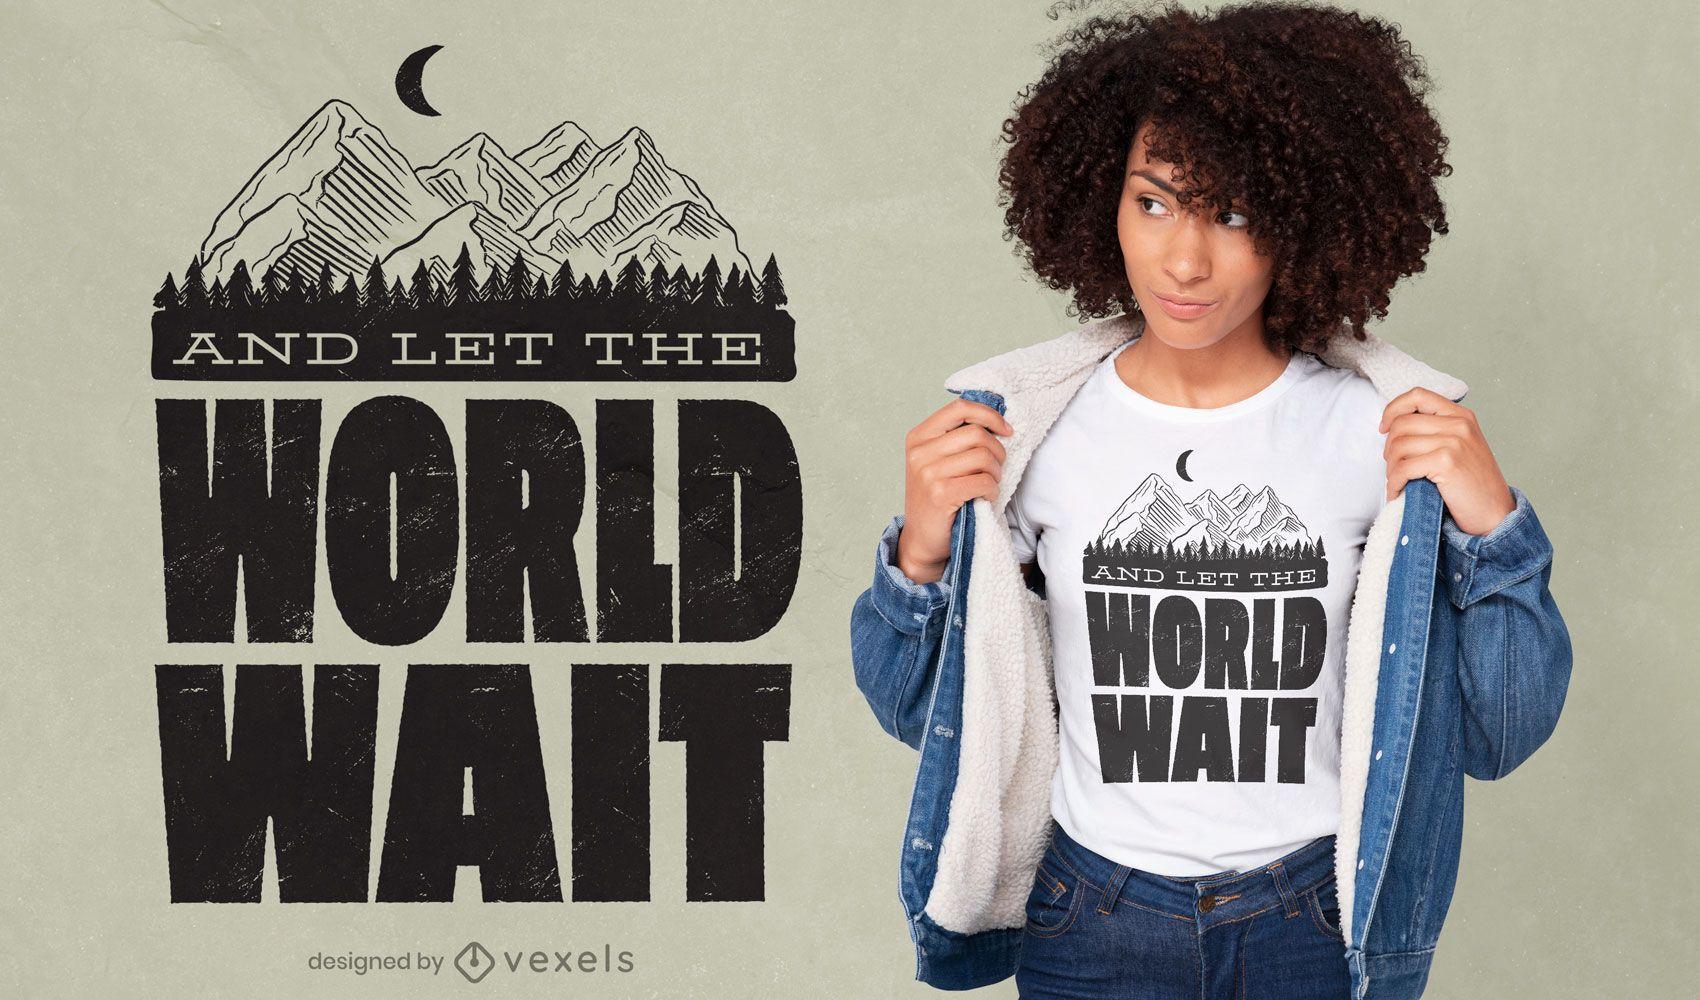 Dise?o de camiseta de mundo aguarda monta?a